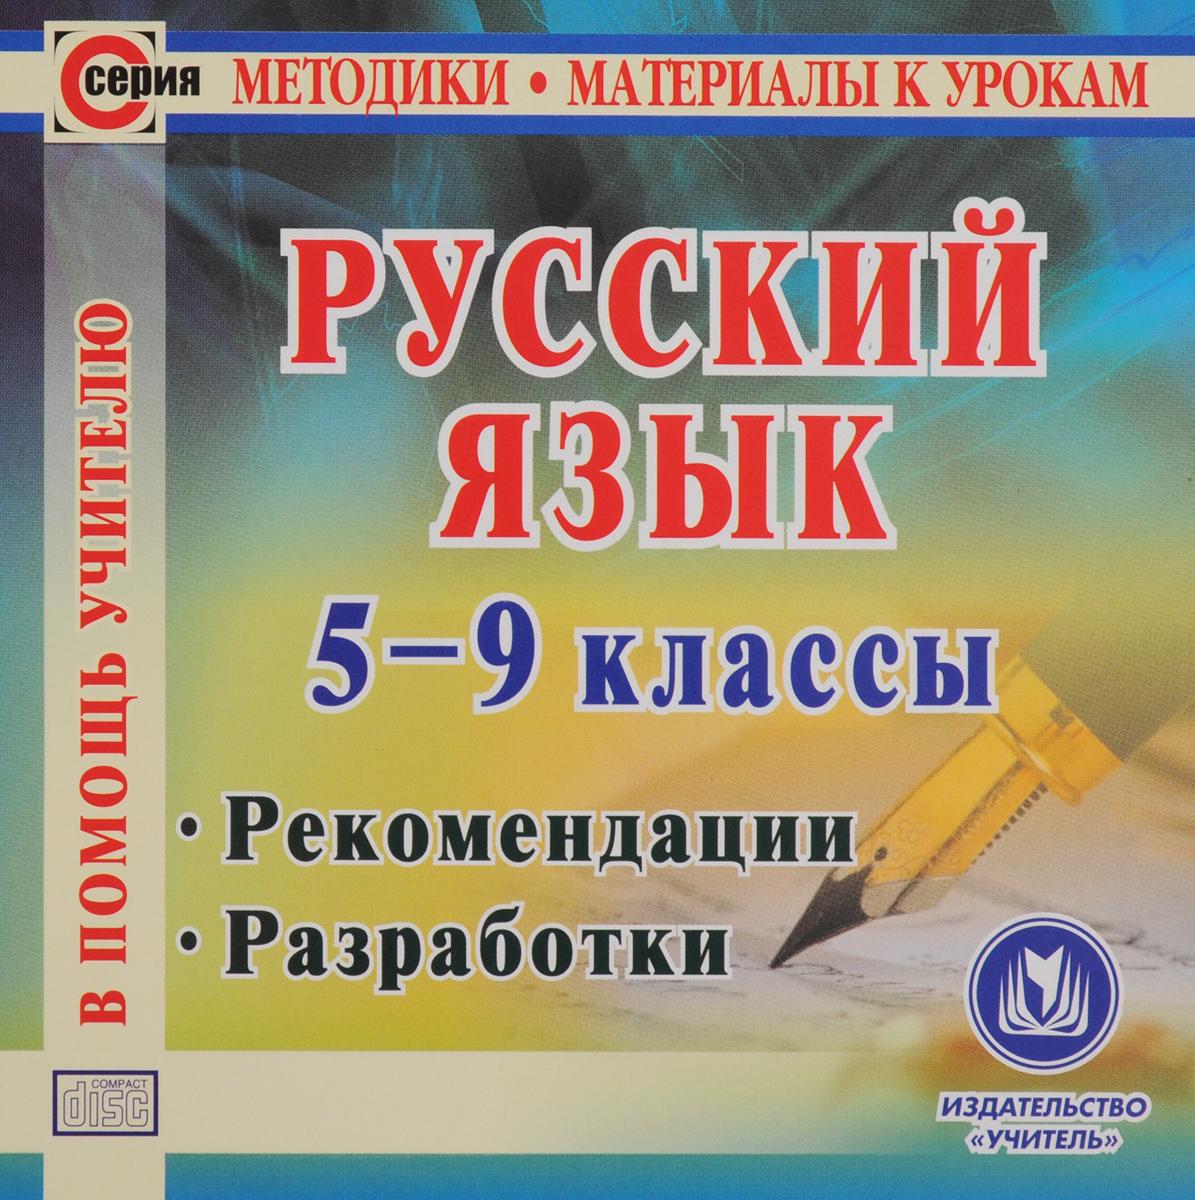 Русский язык. 5-9 классы. Рекомендации. Разработки